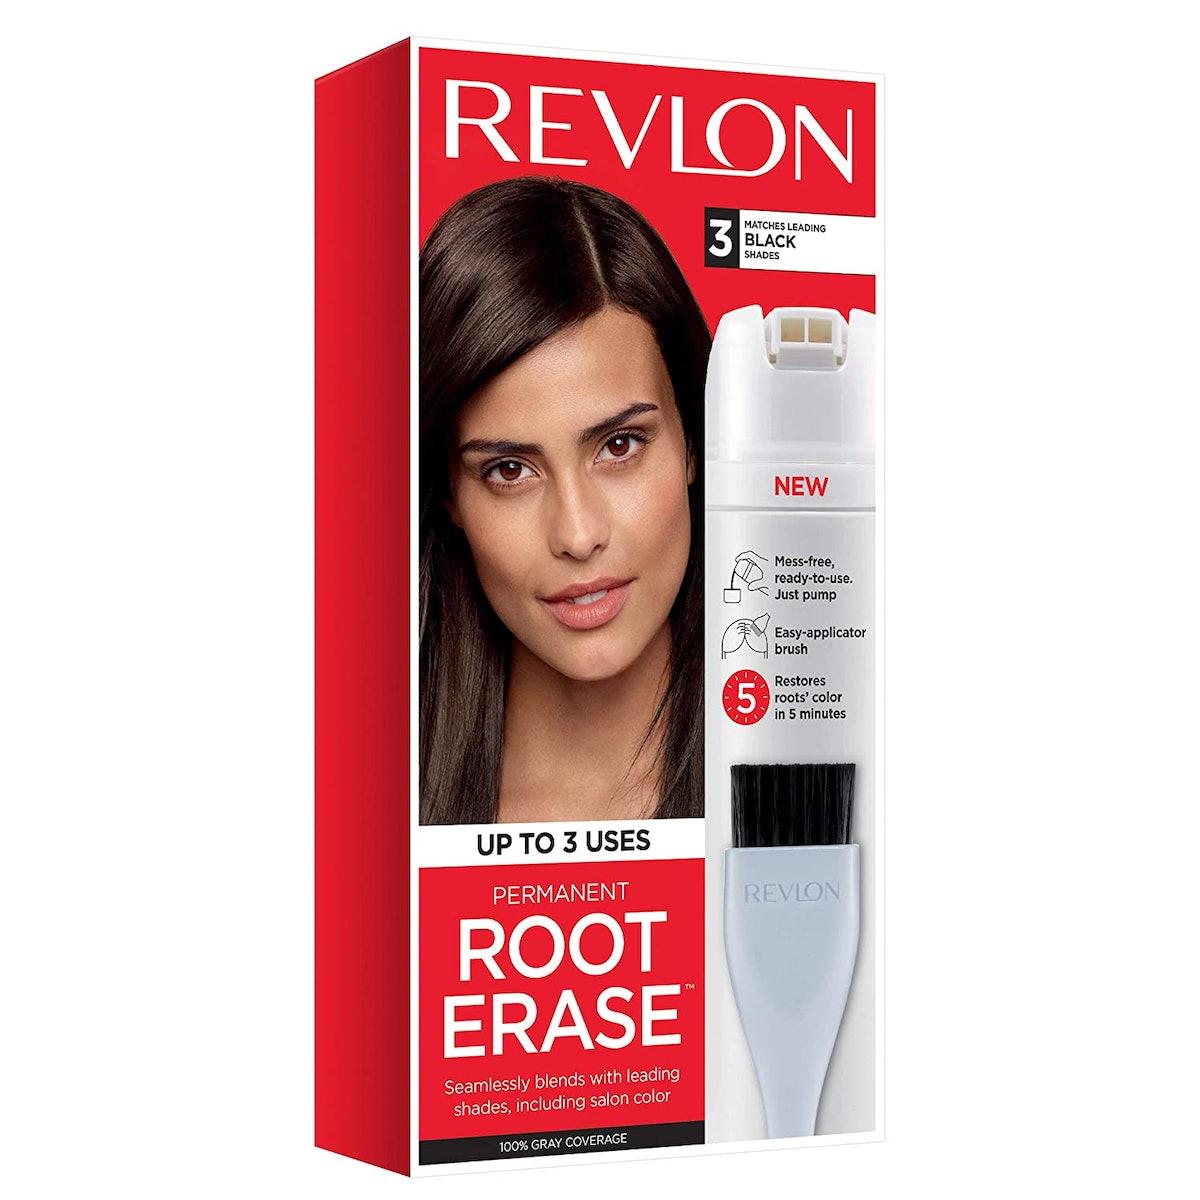 Revlon Root Erase Permanent Hair Color